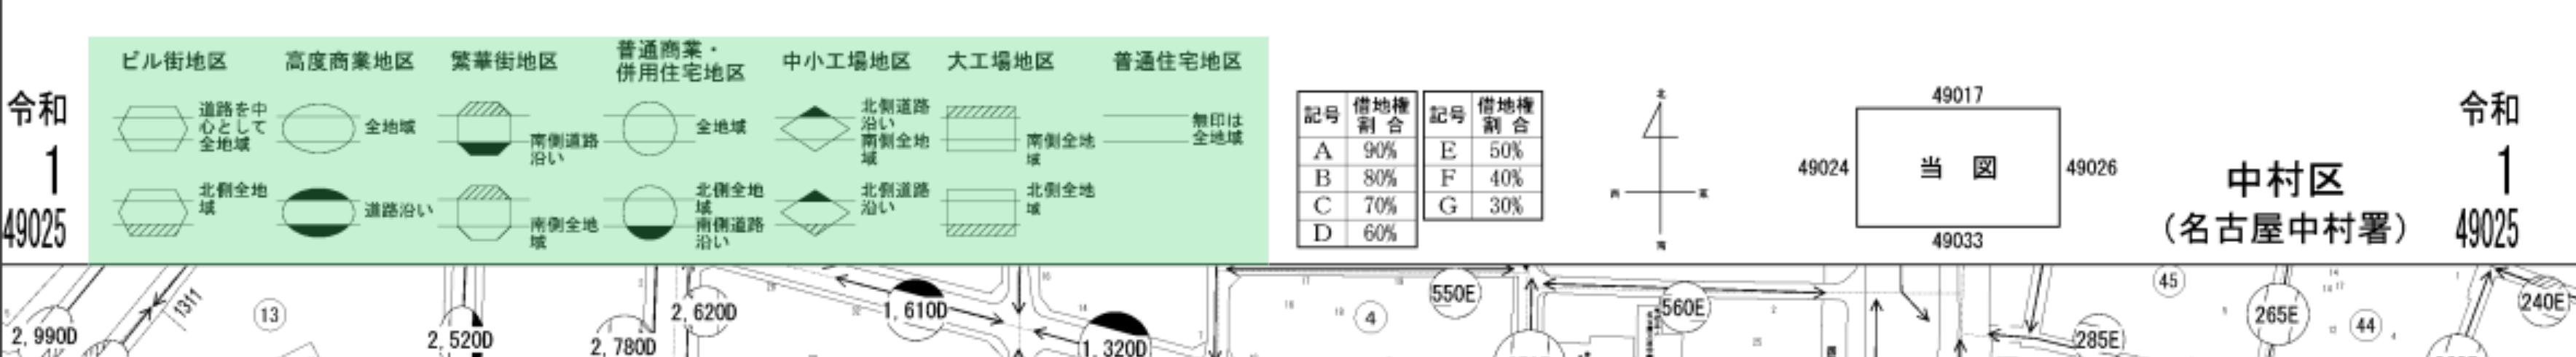 路線価図でチェックするポイント3